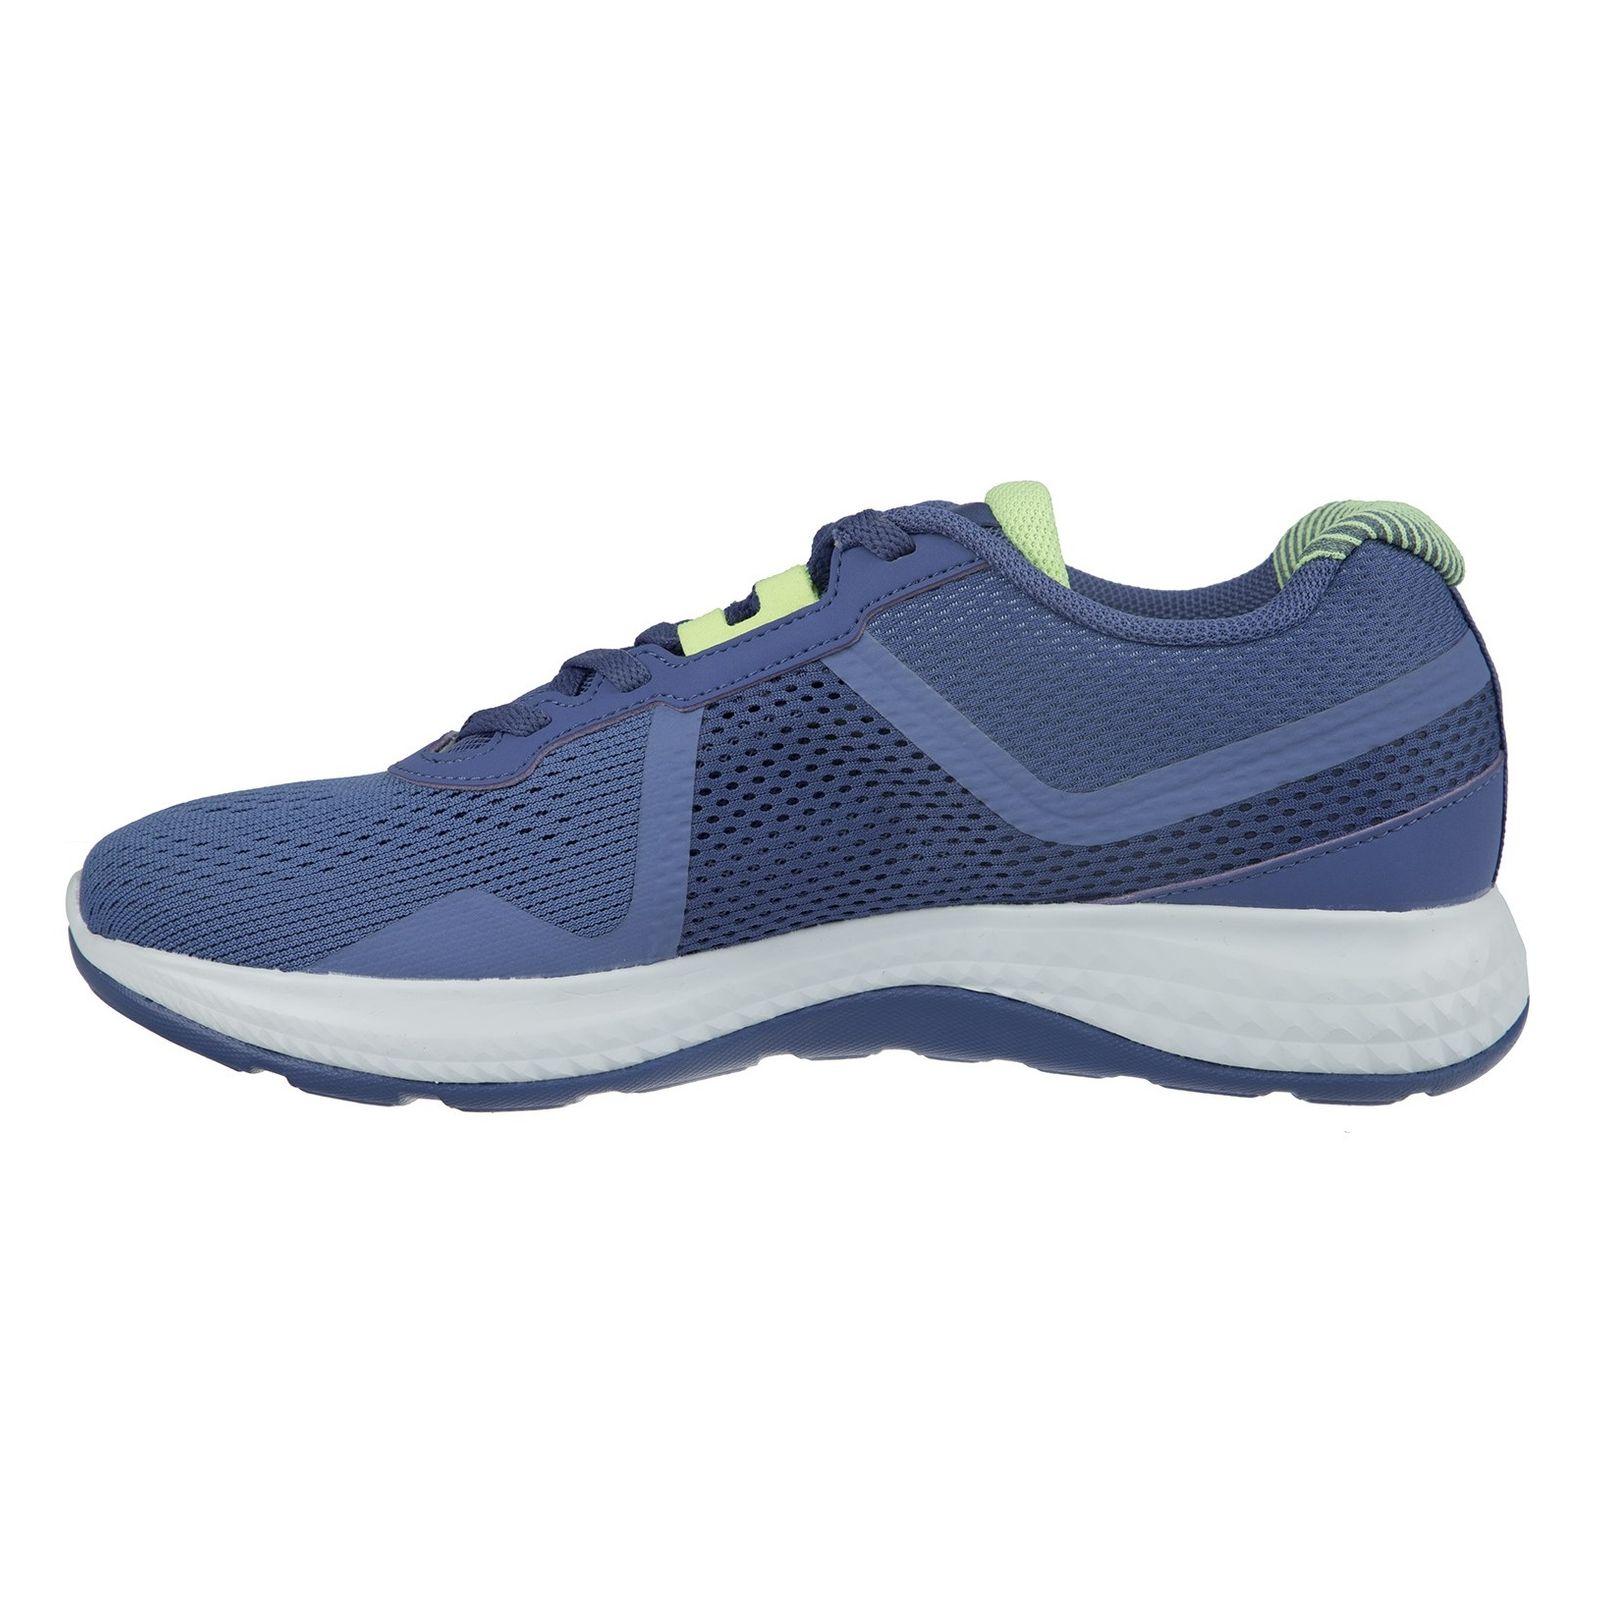 کفش دویدن بندی زنانه Astroride Duo Edge - ریباک - آبي - 3